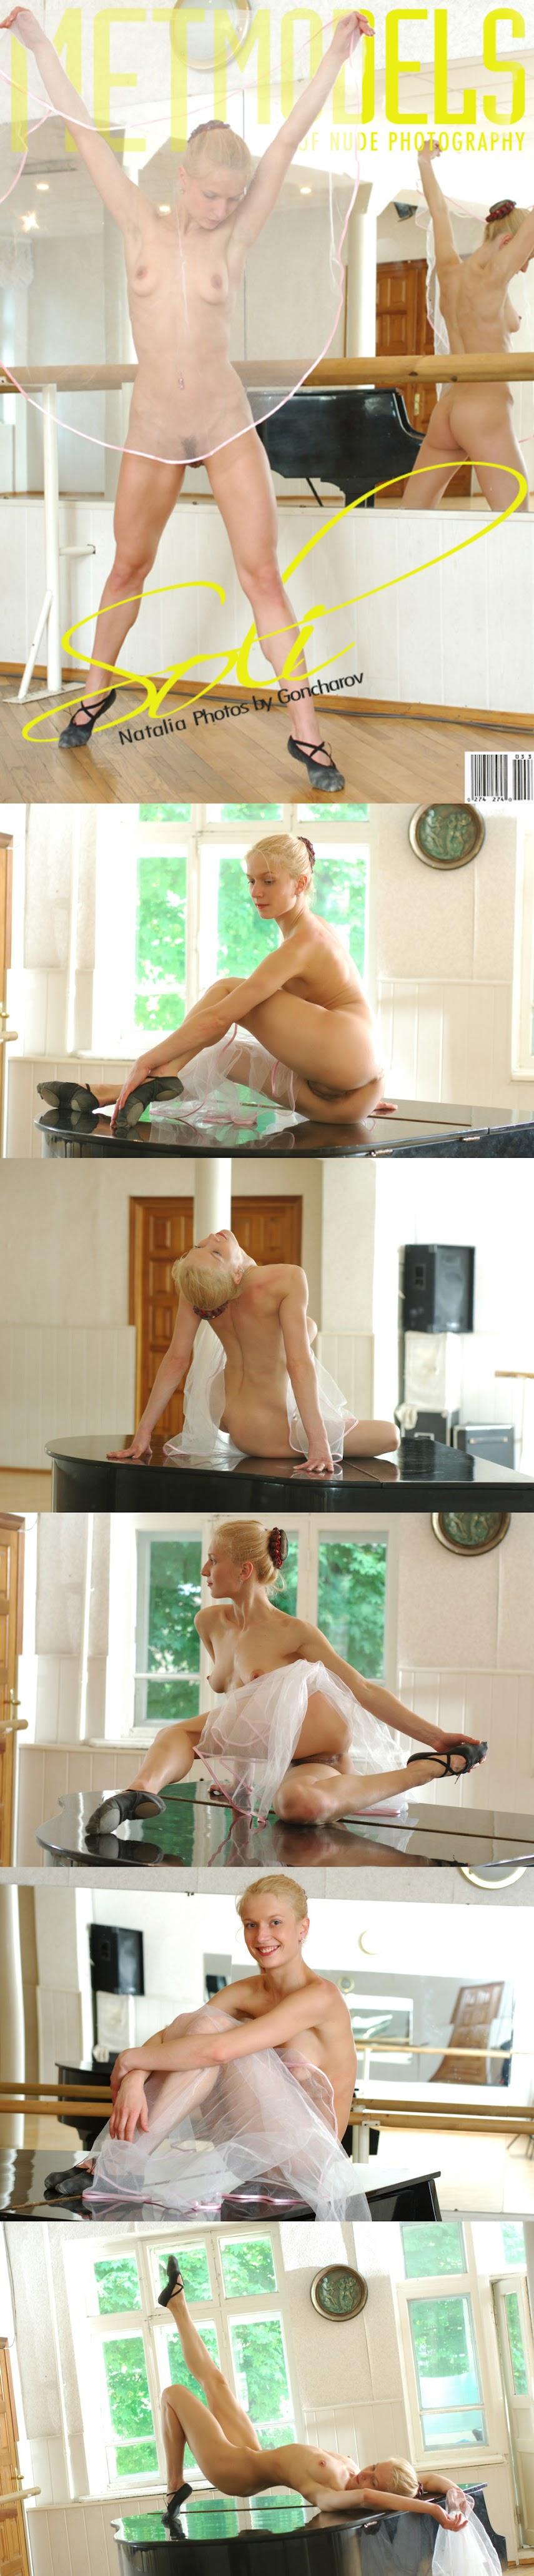 24 NATALIA SOLI by Sergey Goncharov sexy girls image jav